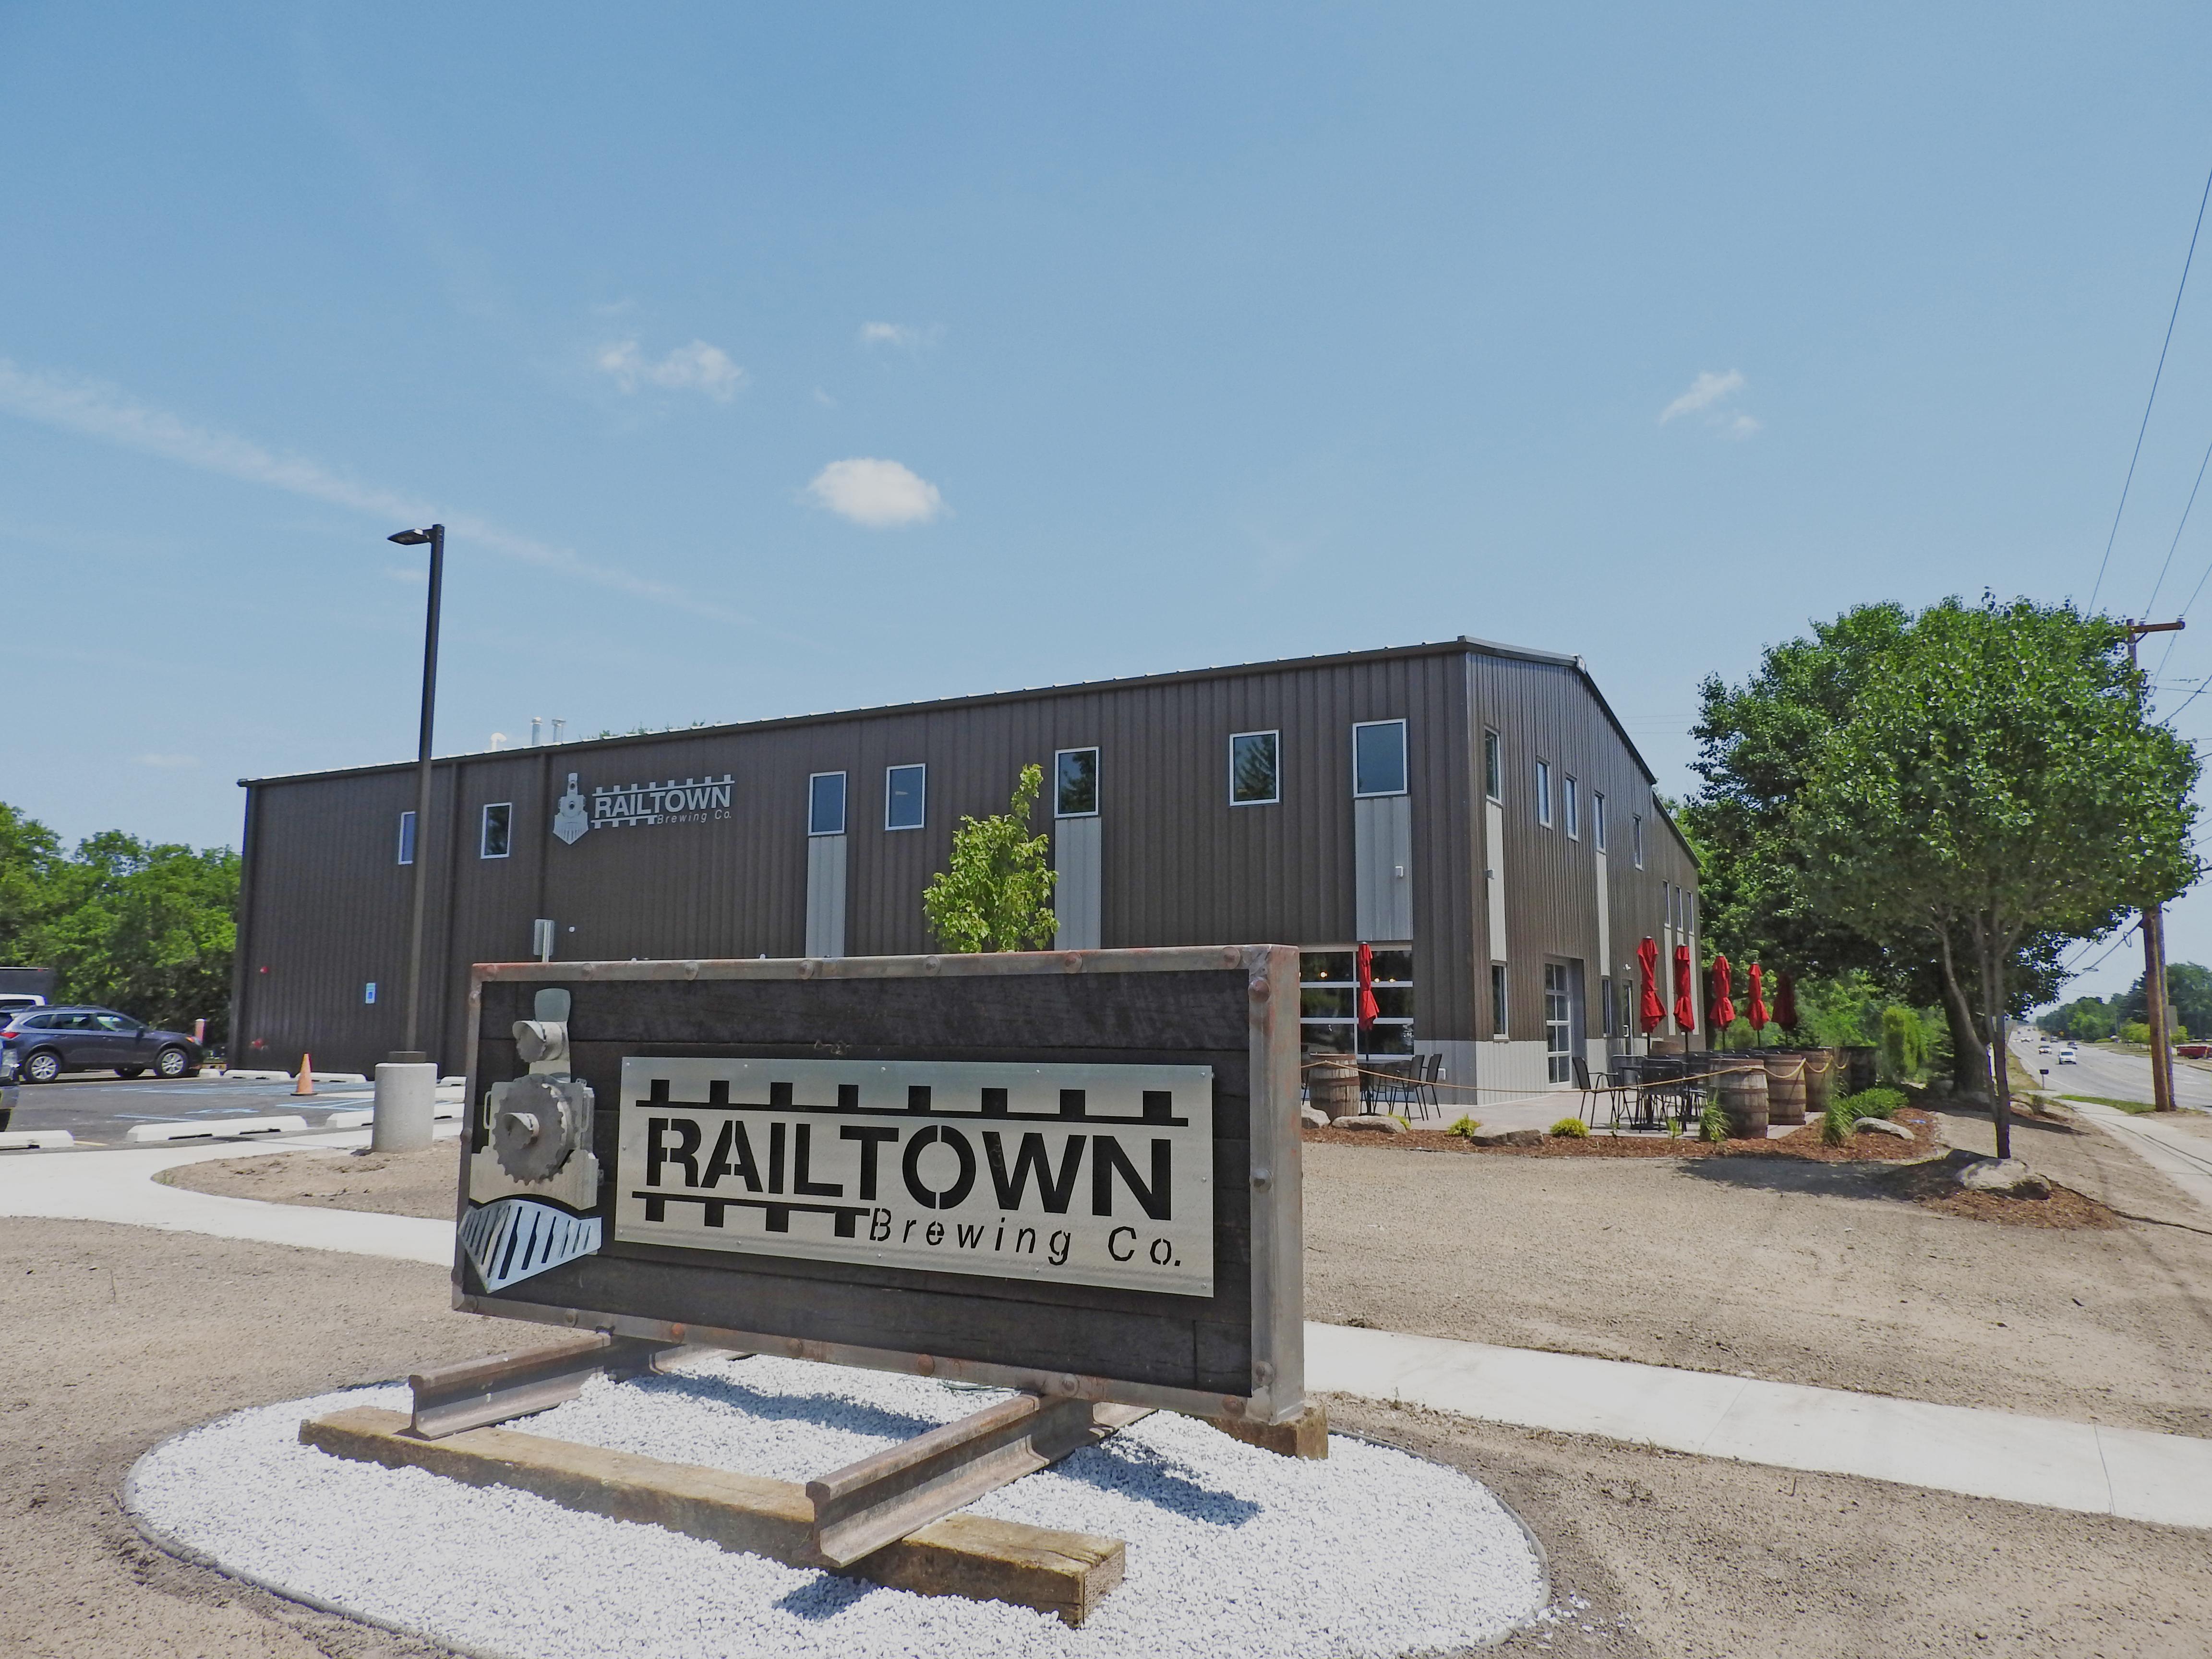 Railtown Brewing Co.